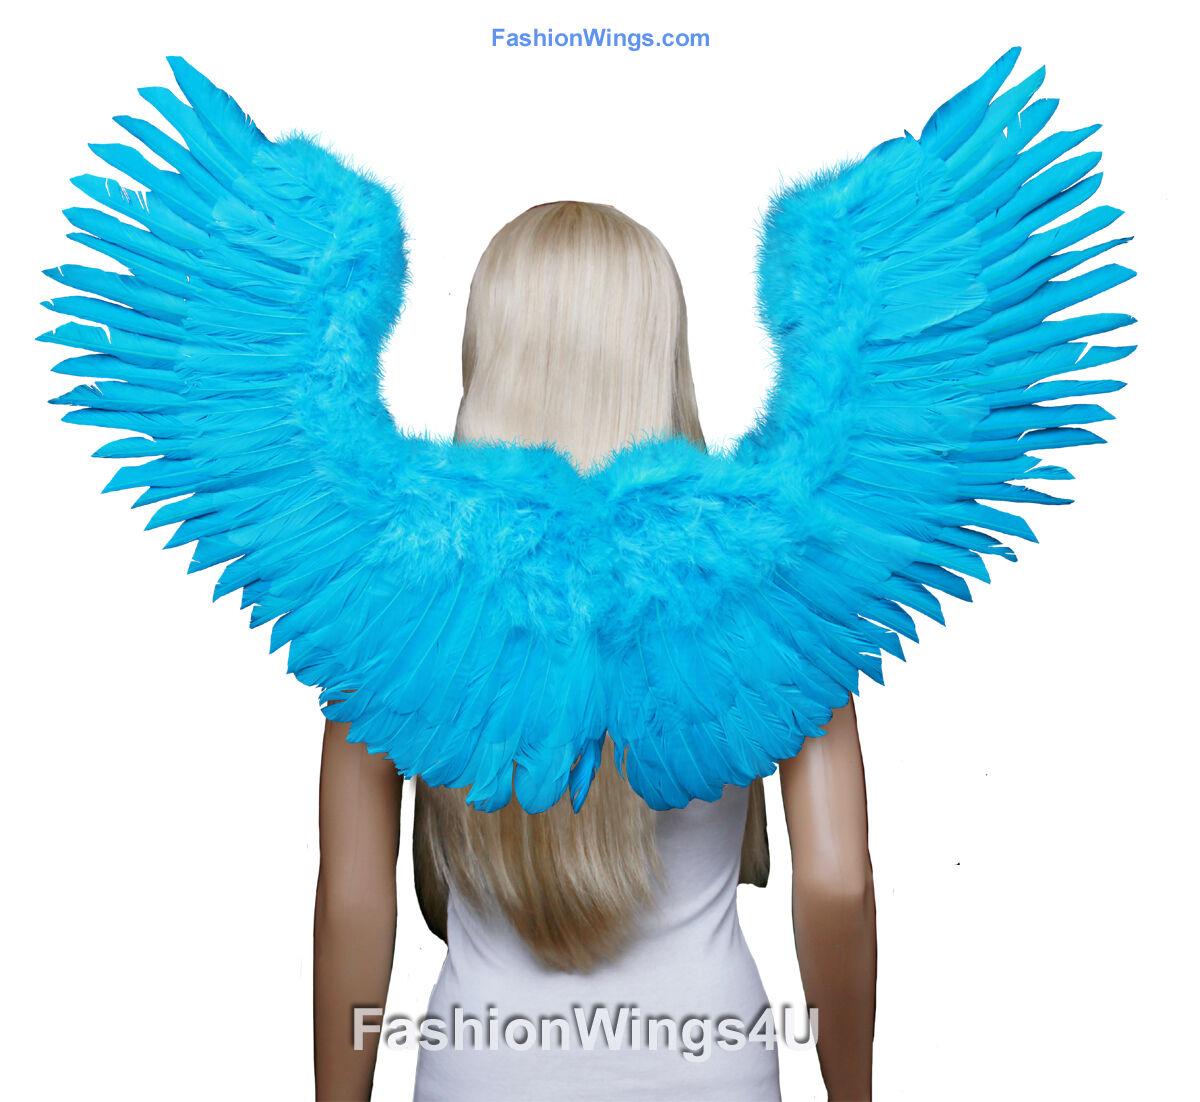 Как сделать костюм с крыльями ангела как сделать крылья ангела своими 48